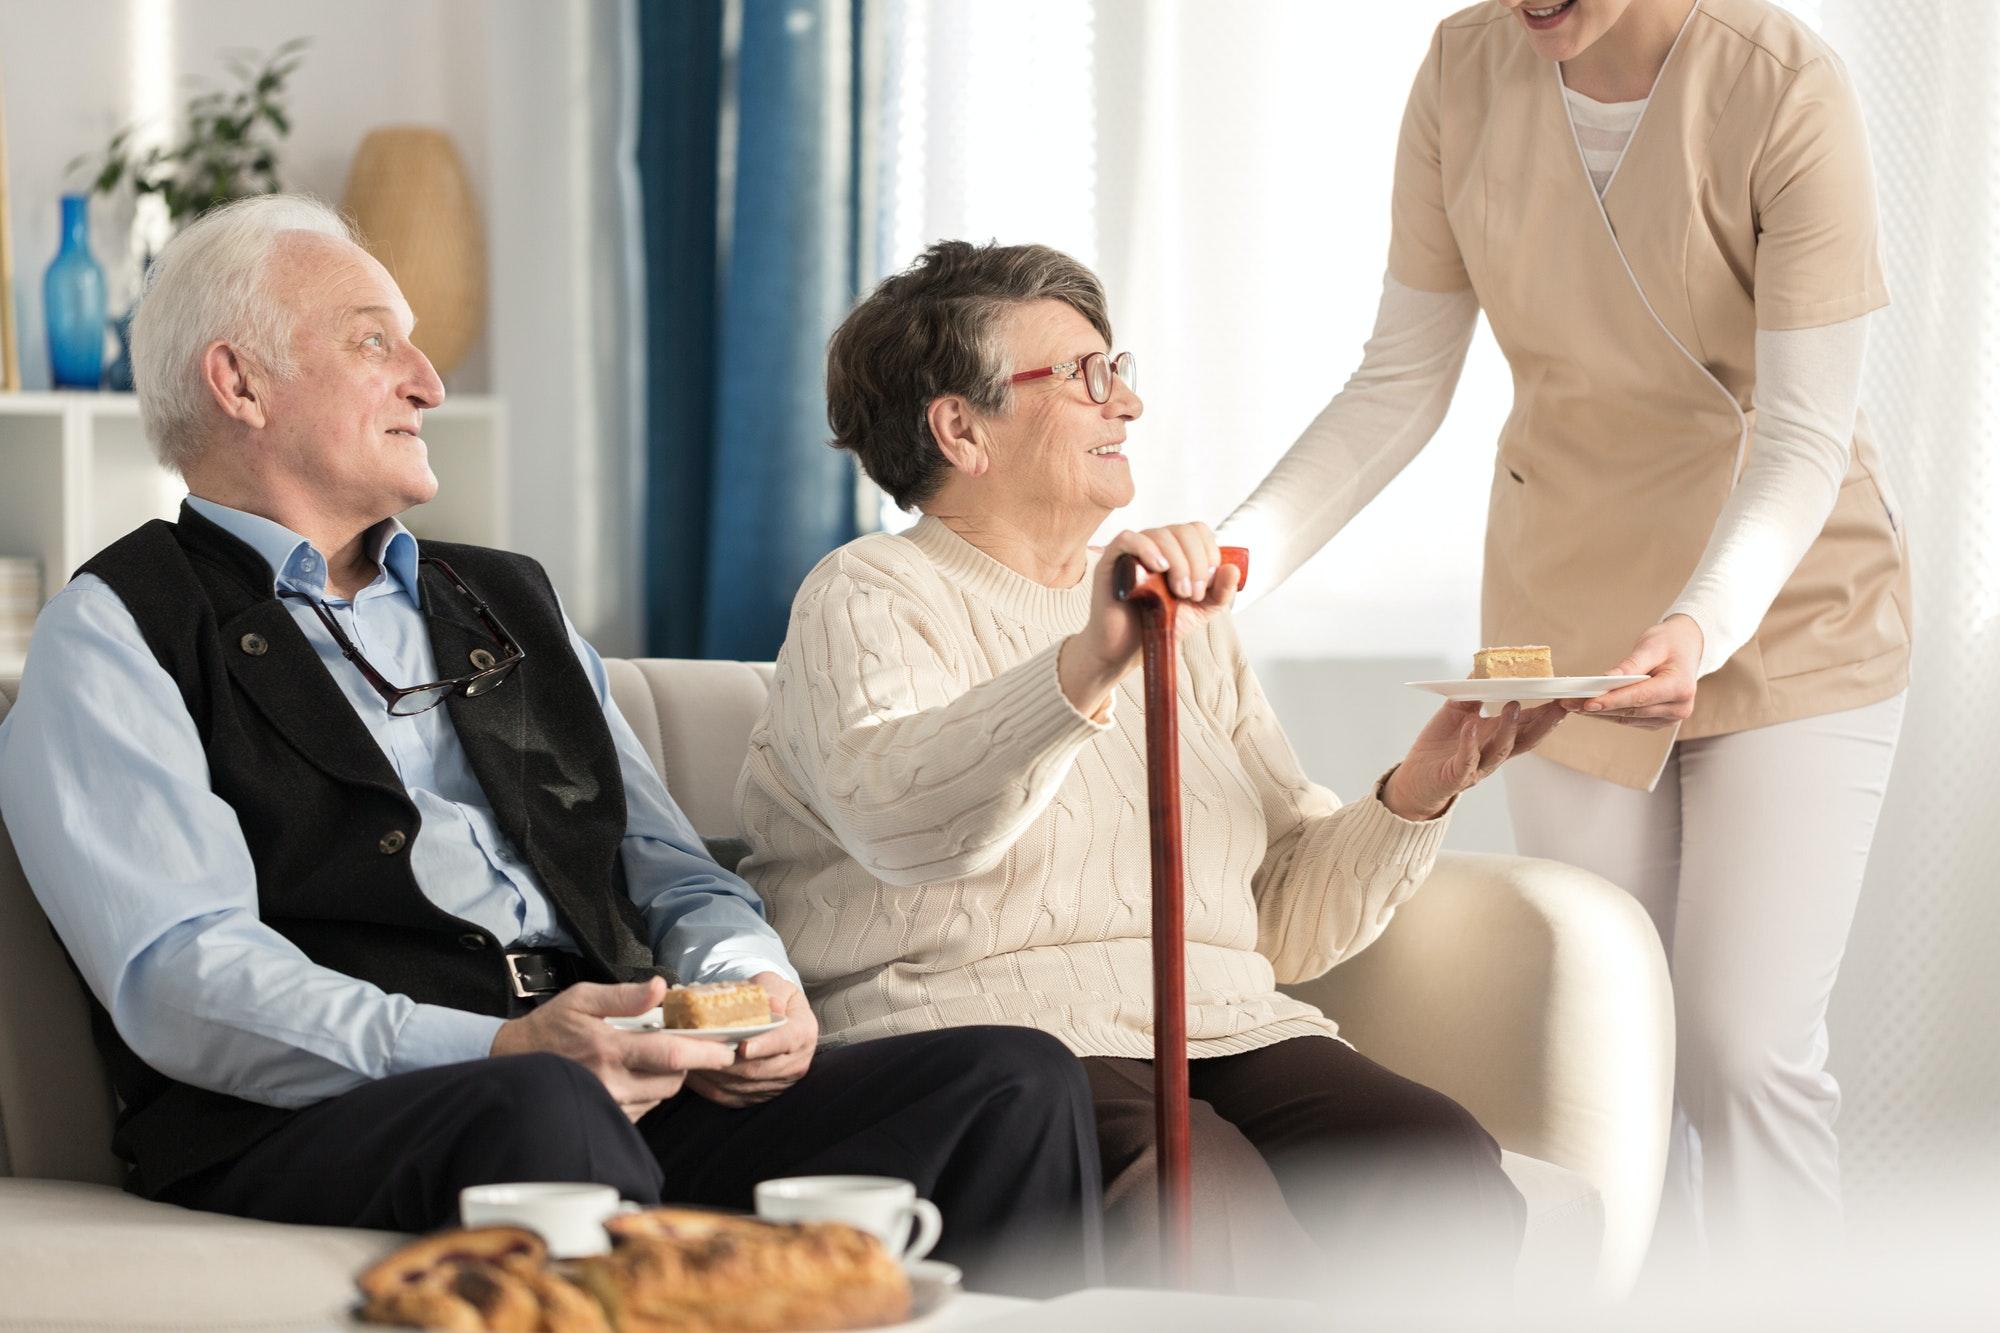 San Diego's Best Caregivers - Personnel Services, Inc.